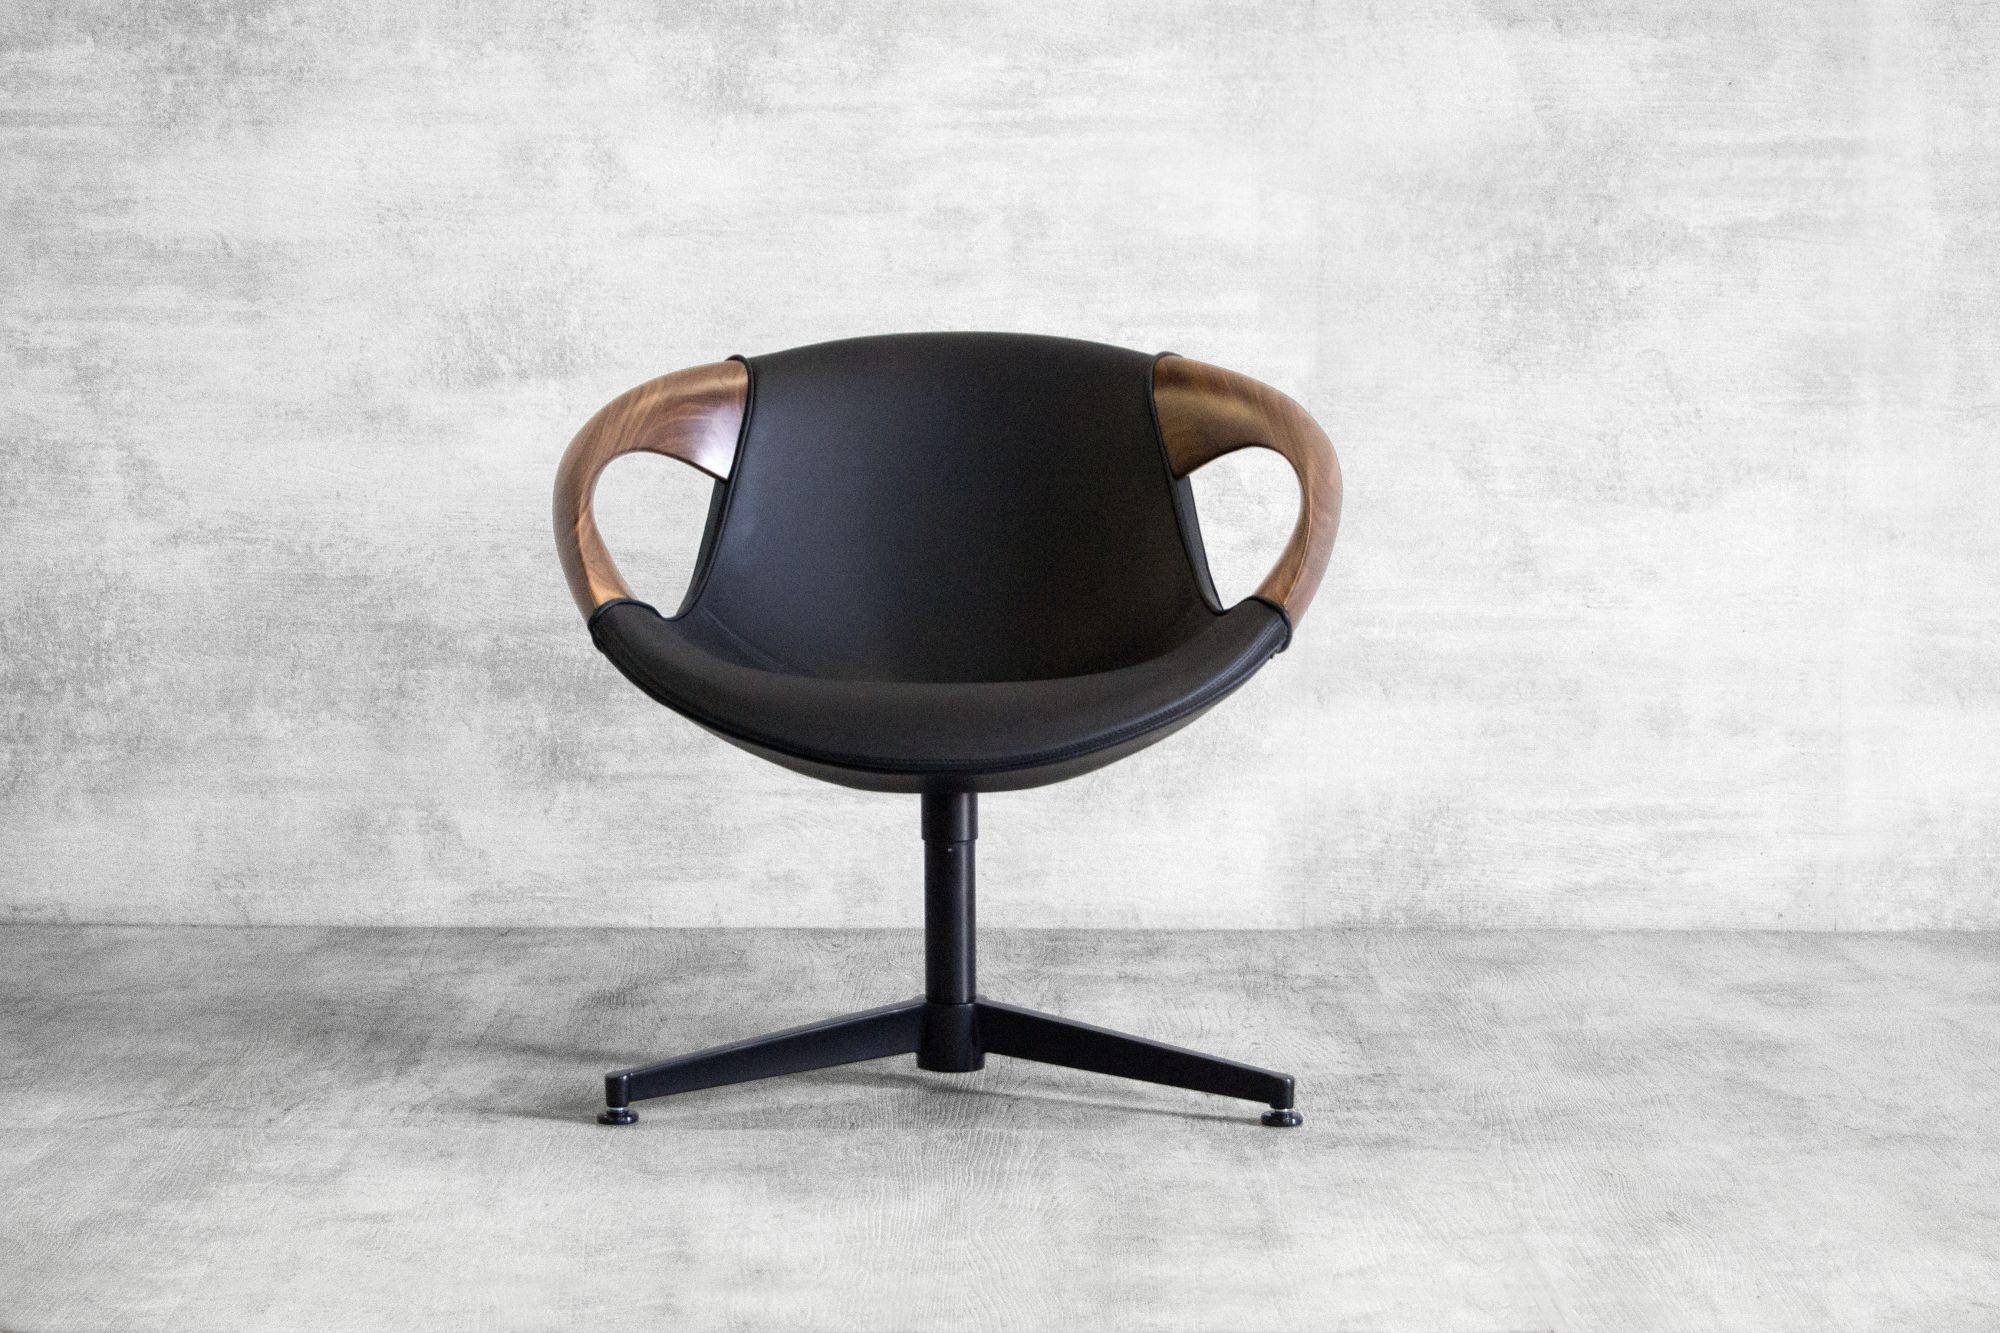 sitzen excellent sie haben with sitzen awesome die. Black Bedroom Furniture Sets. Home Design Ideas